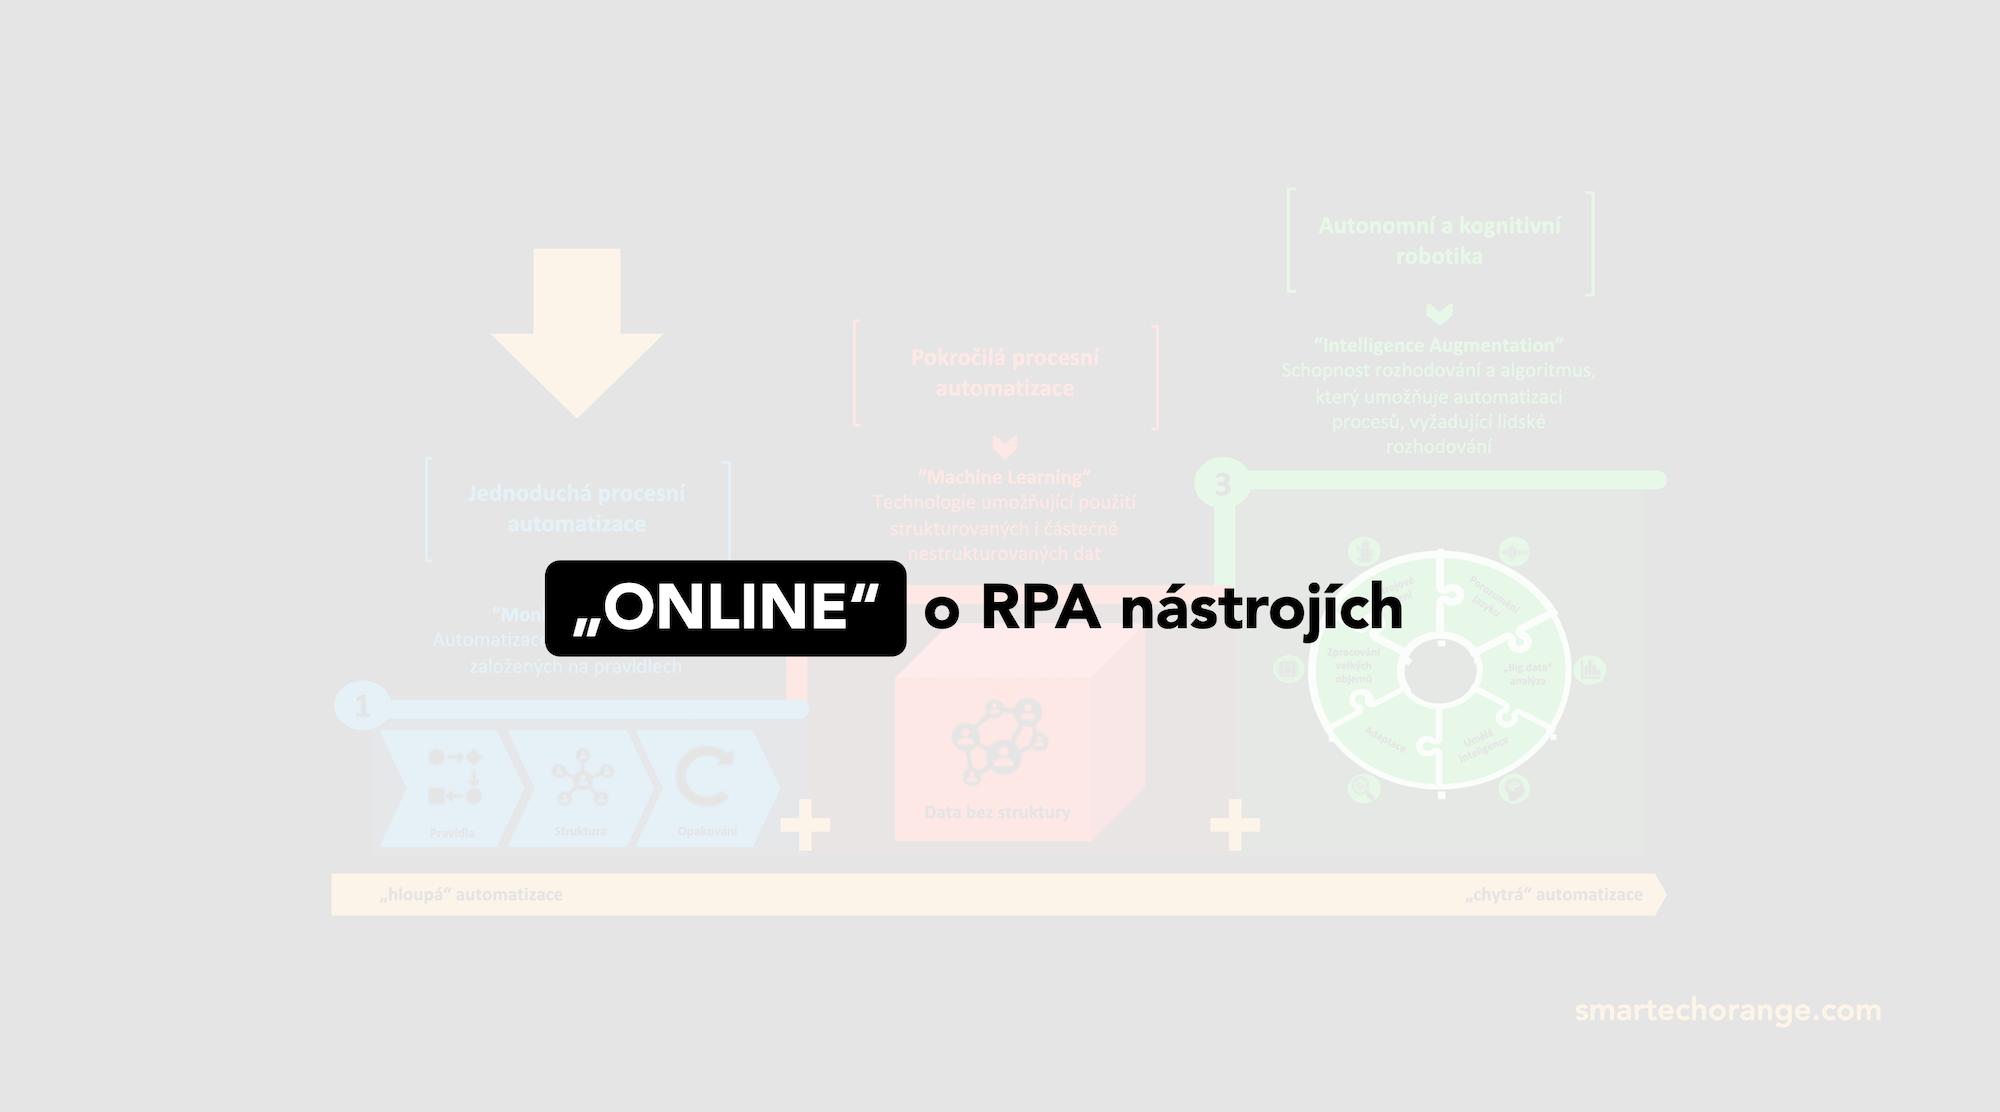 Webinář o RPA nástrojích